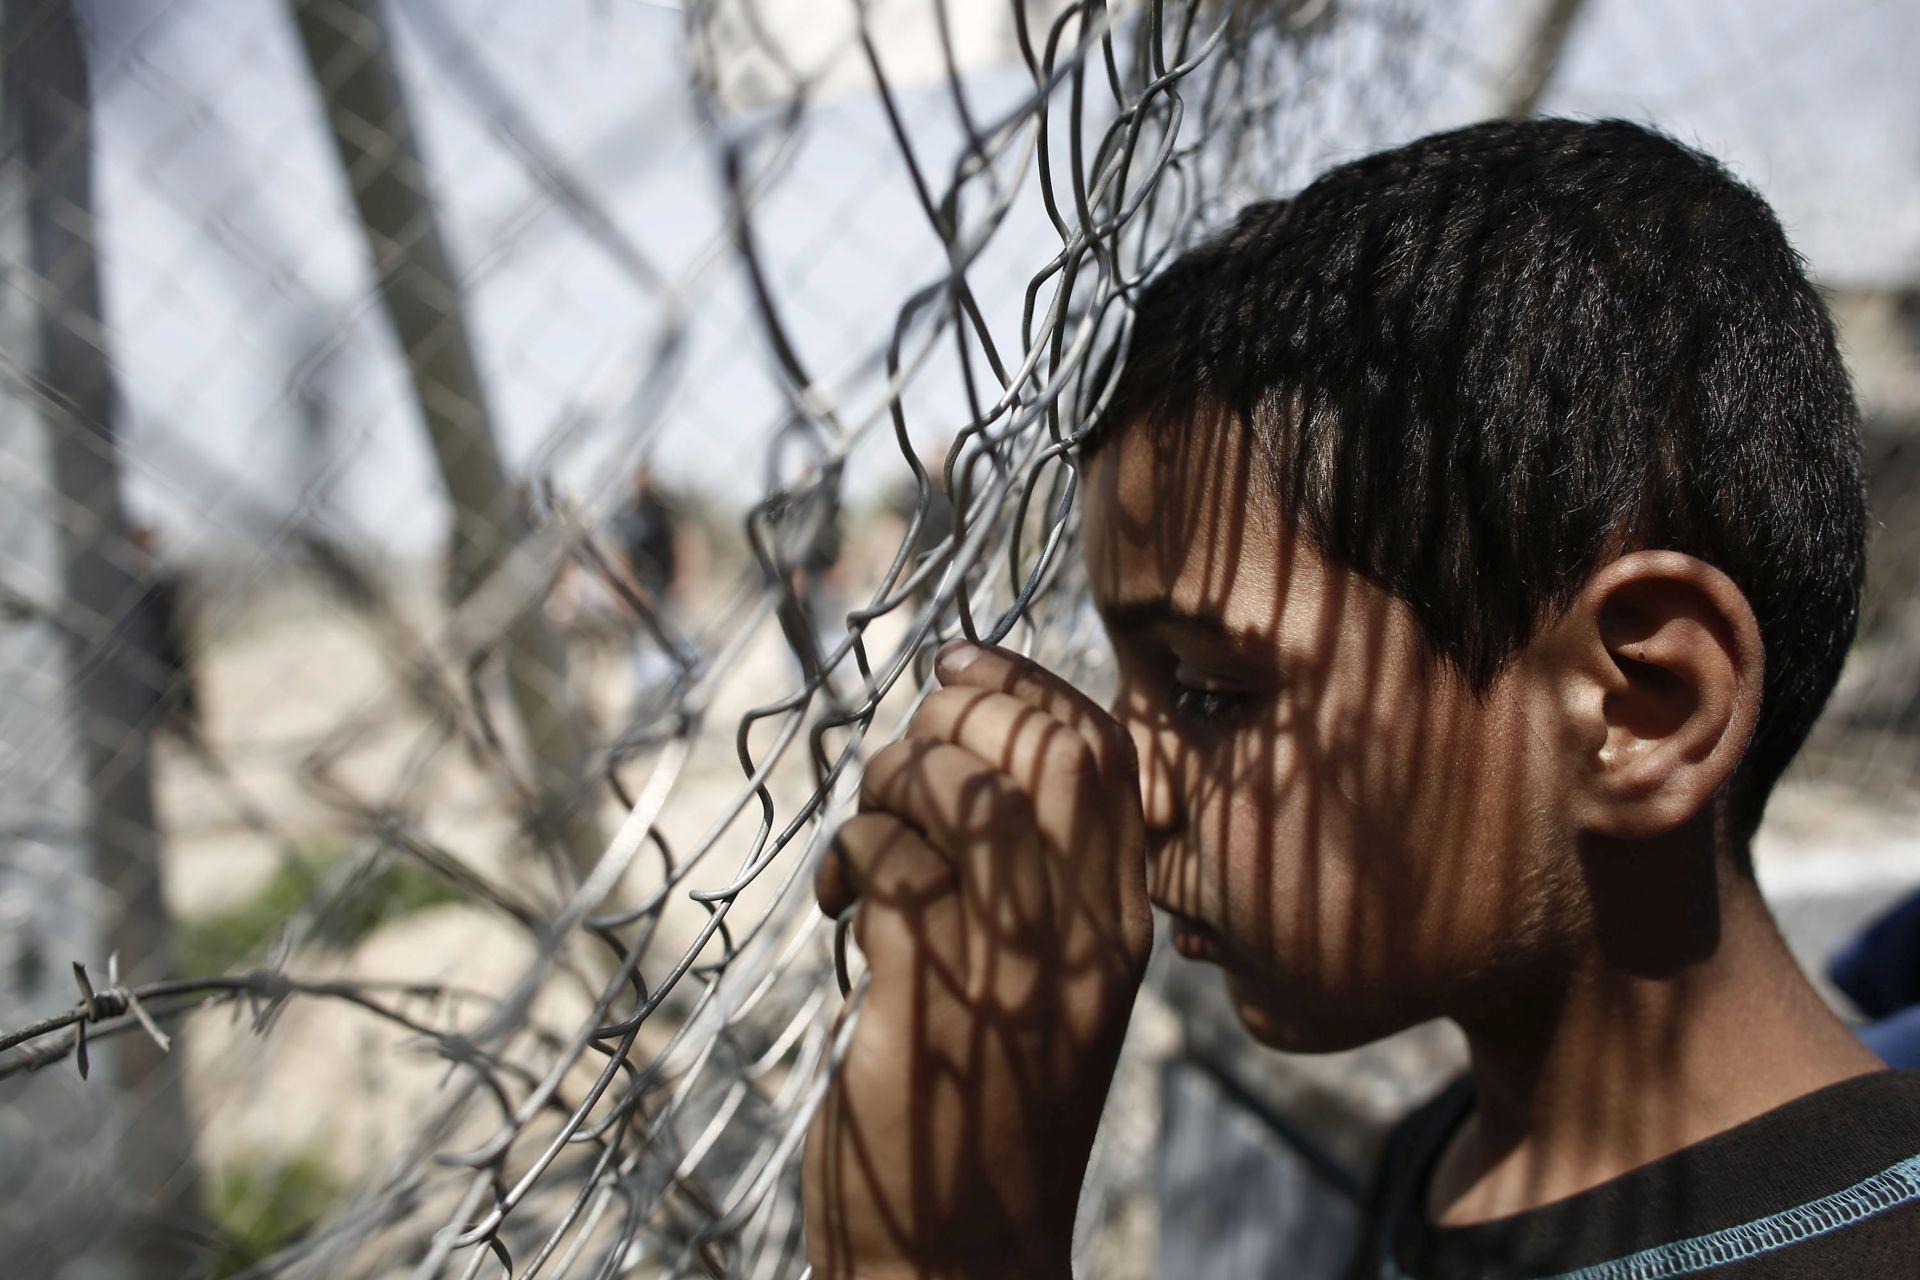 Thomas de Maiziere: Njemačku će ove godine napustiti 100.000 migranata